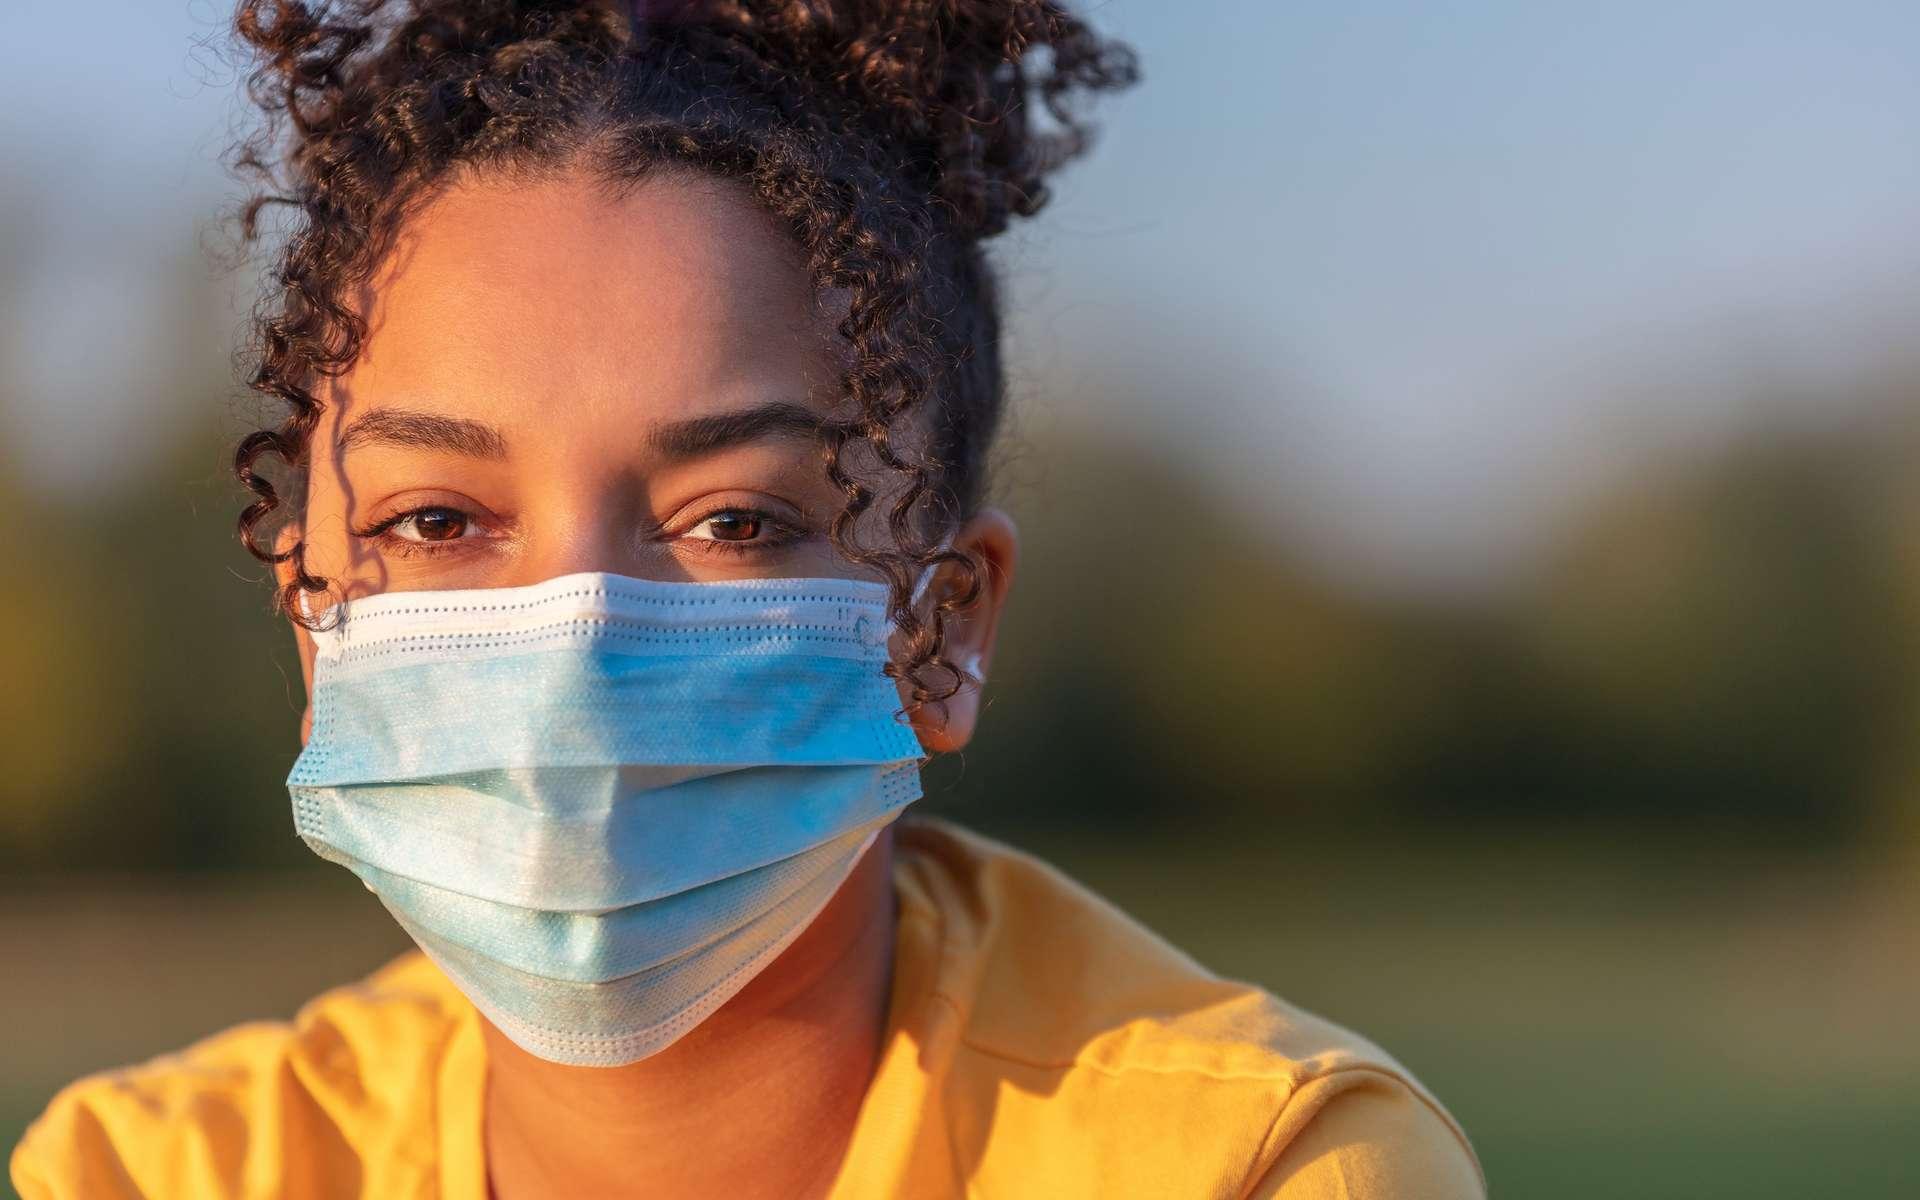 Pour le moment, personne ne sait si la vaccination empêche la transmission du virus. © Darren Baker, Adobe Stock